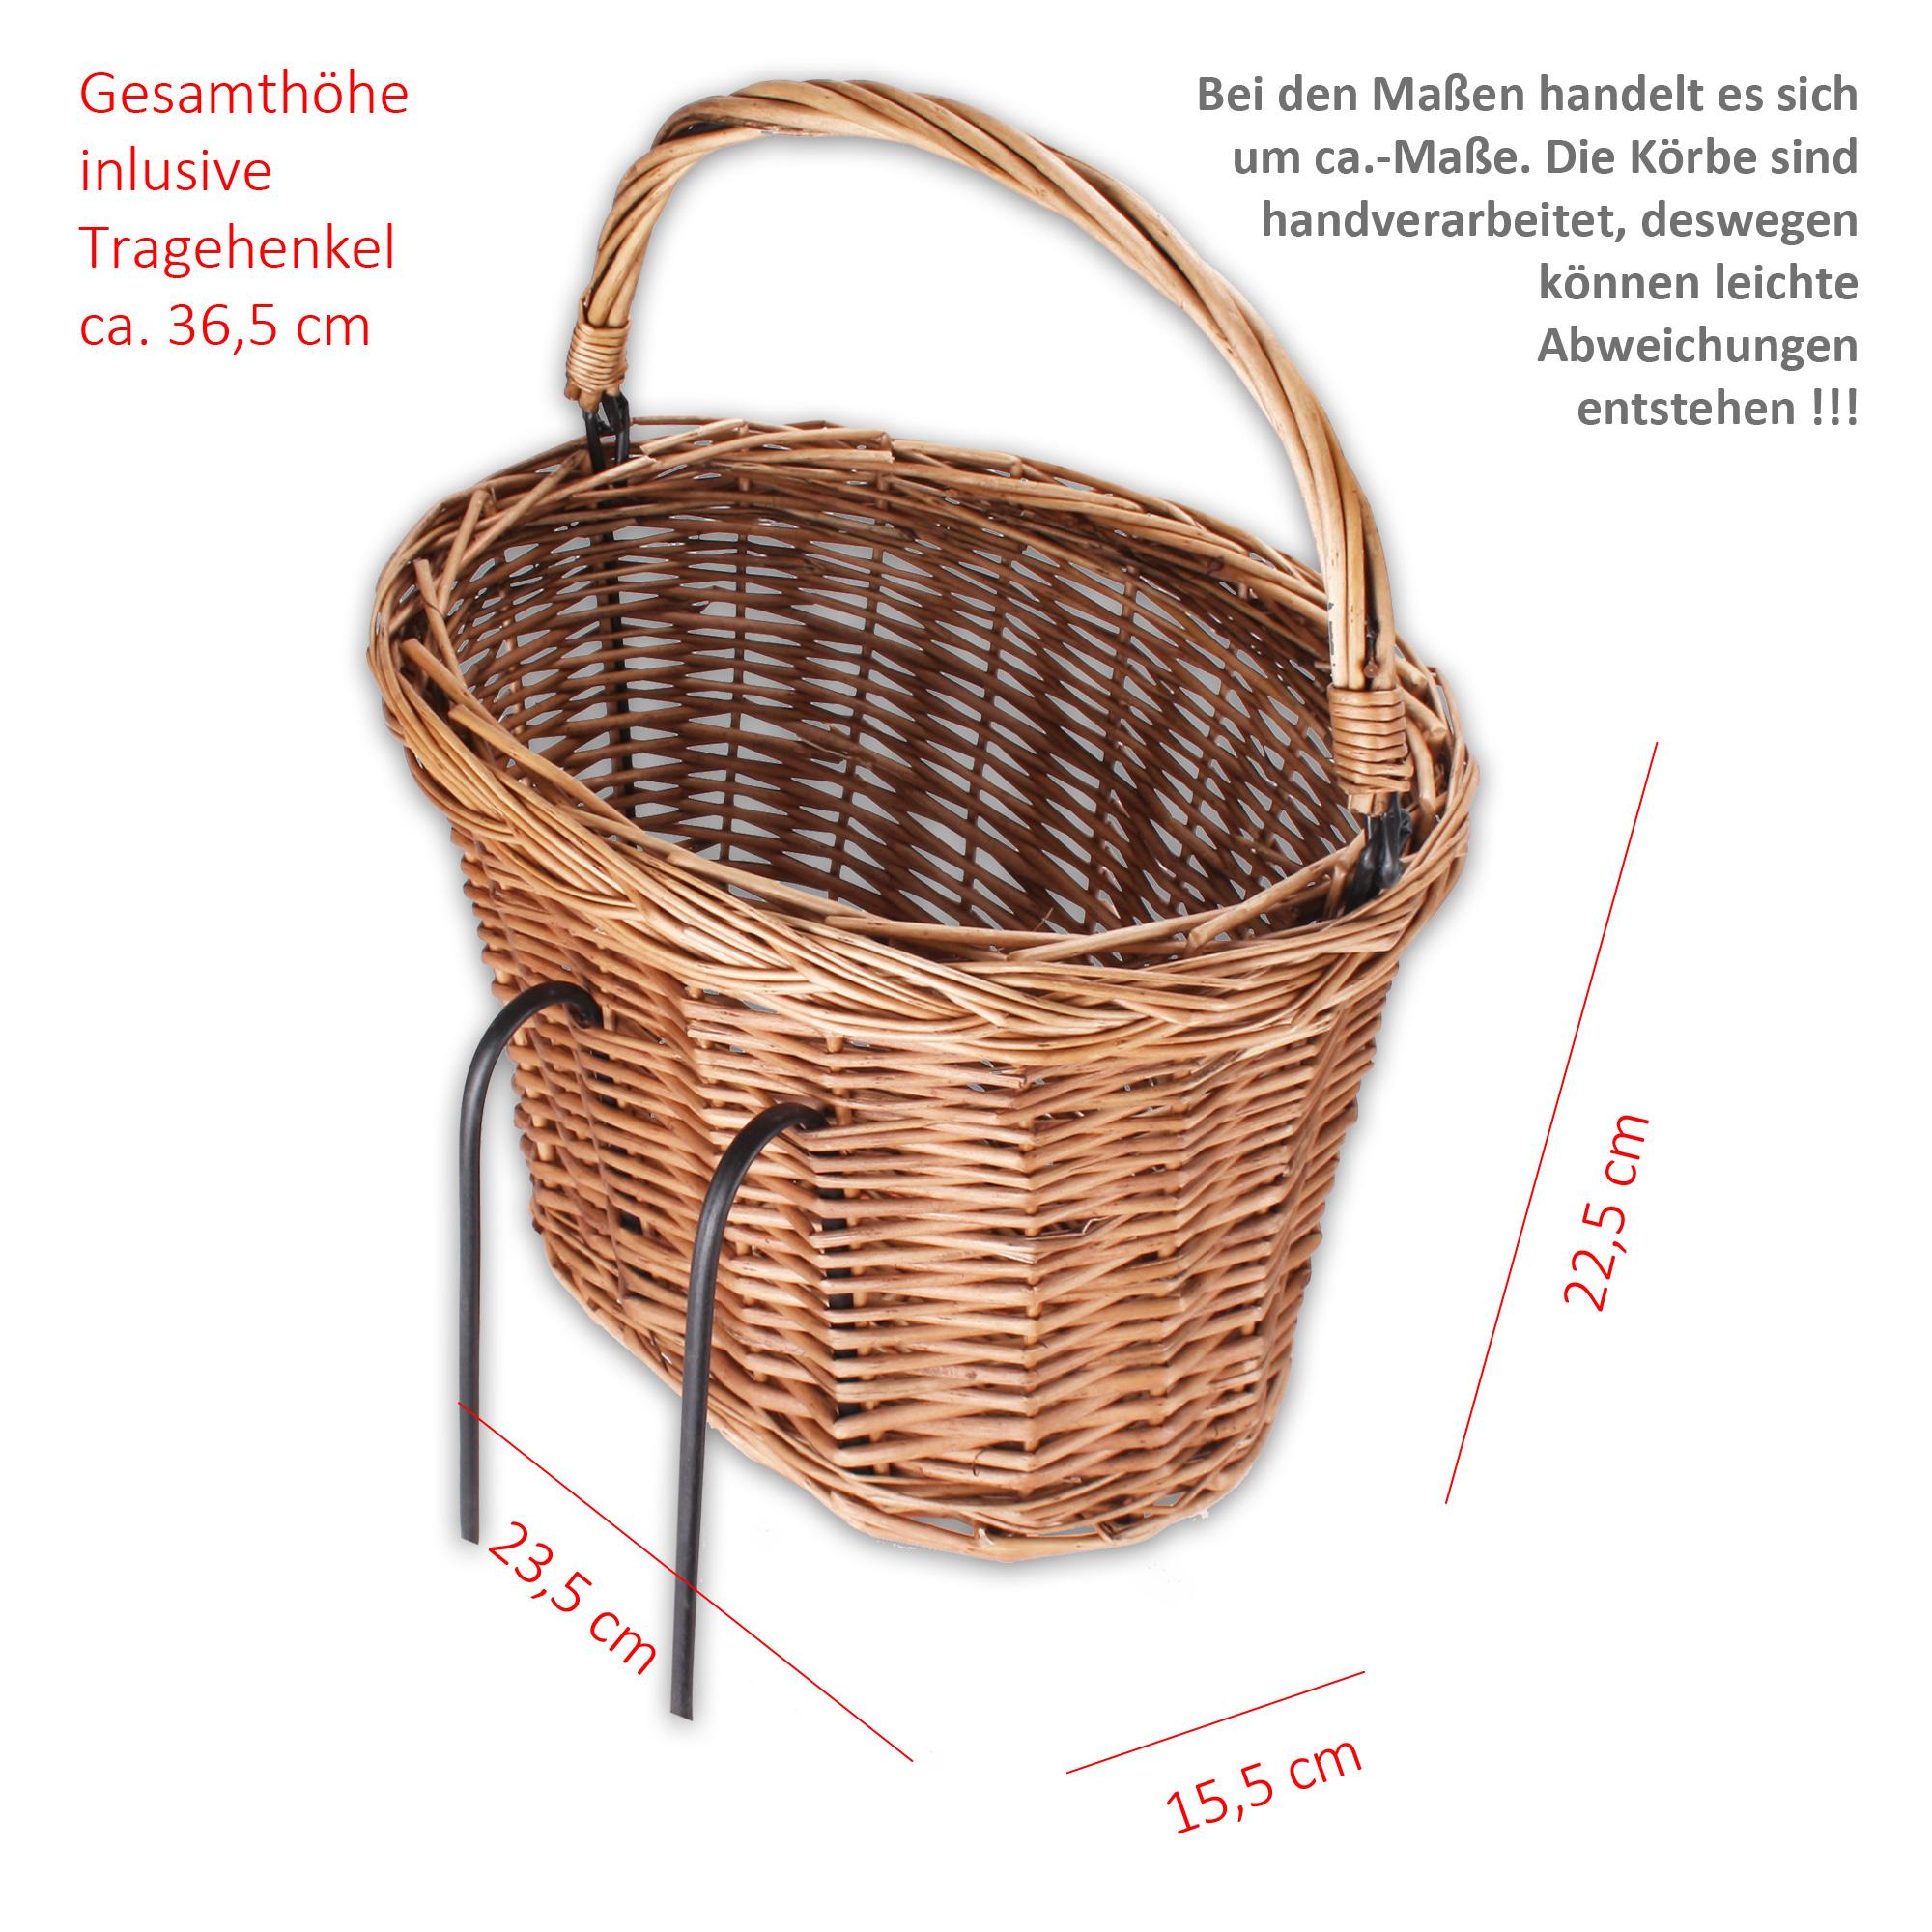 eleganter fahrrad korb aus flechtweide f r den transport. Black Bedroom Furniture Sets. Home Design Ideas